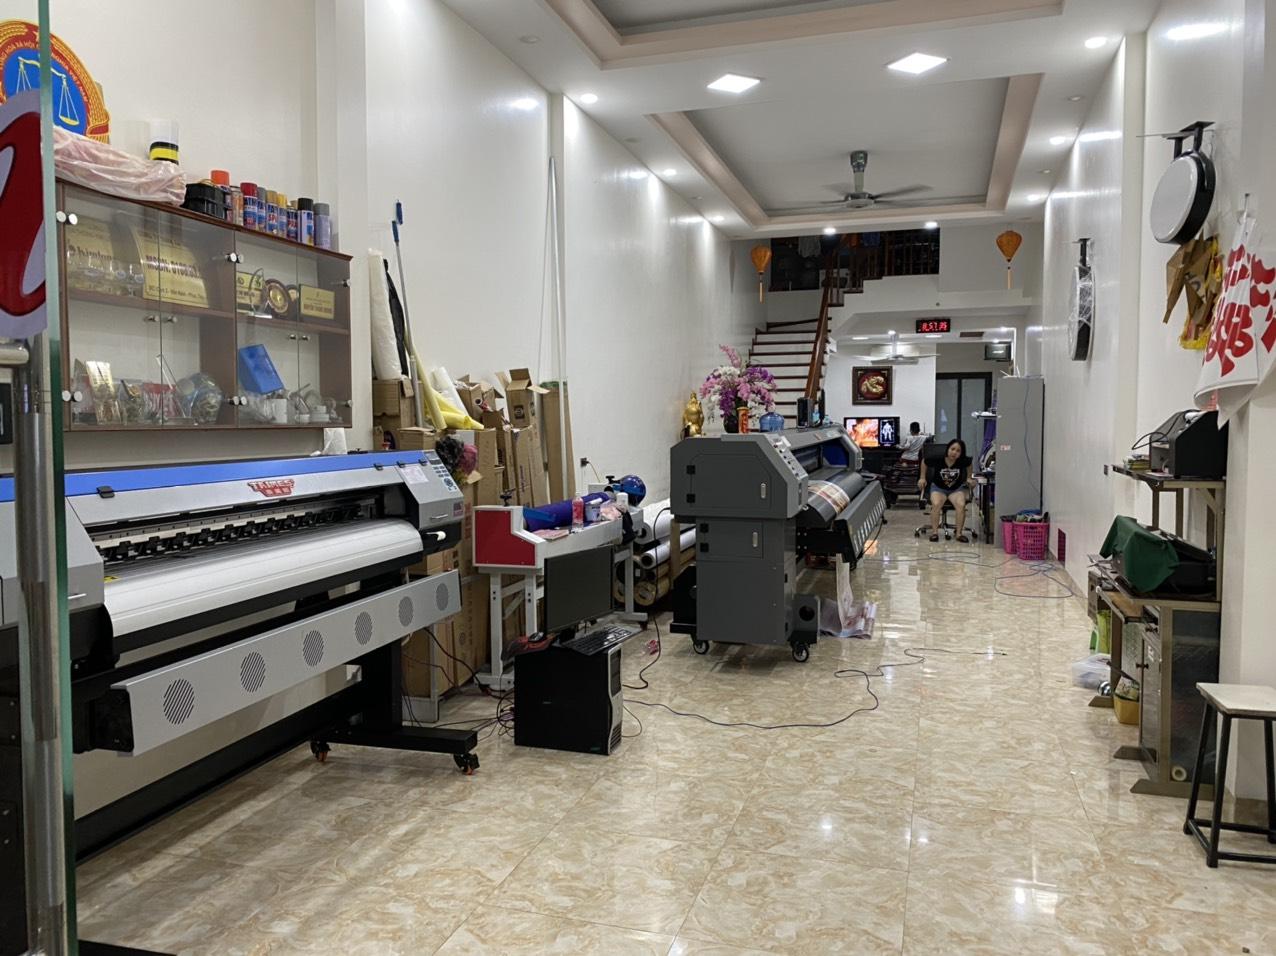 Lắp đặt máy in bạt khổ lớn 3m2 Taimes T5S, máy in decal Taimes T1601 cho Quảng cáo Tuấn Hương tại Hà Nội